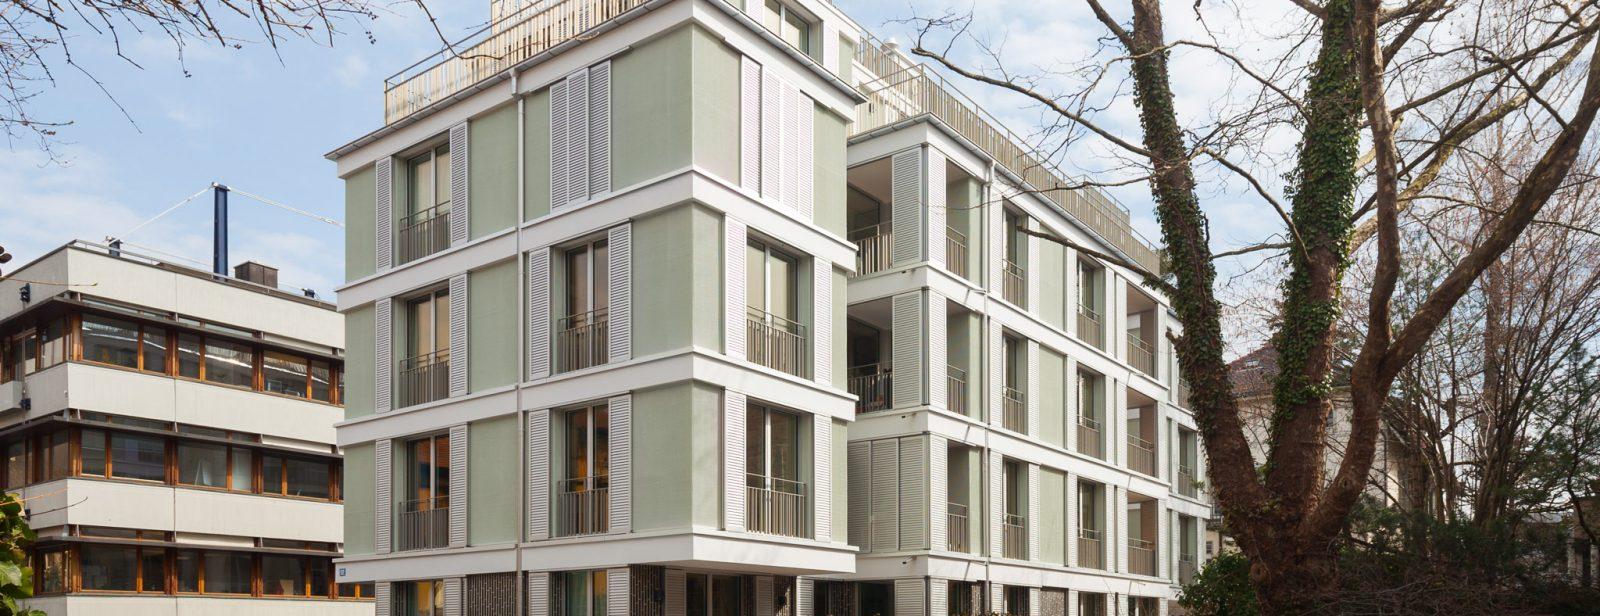 Neubau MFH Schmelzbergstrasse 52, Zürich